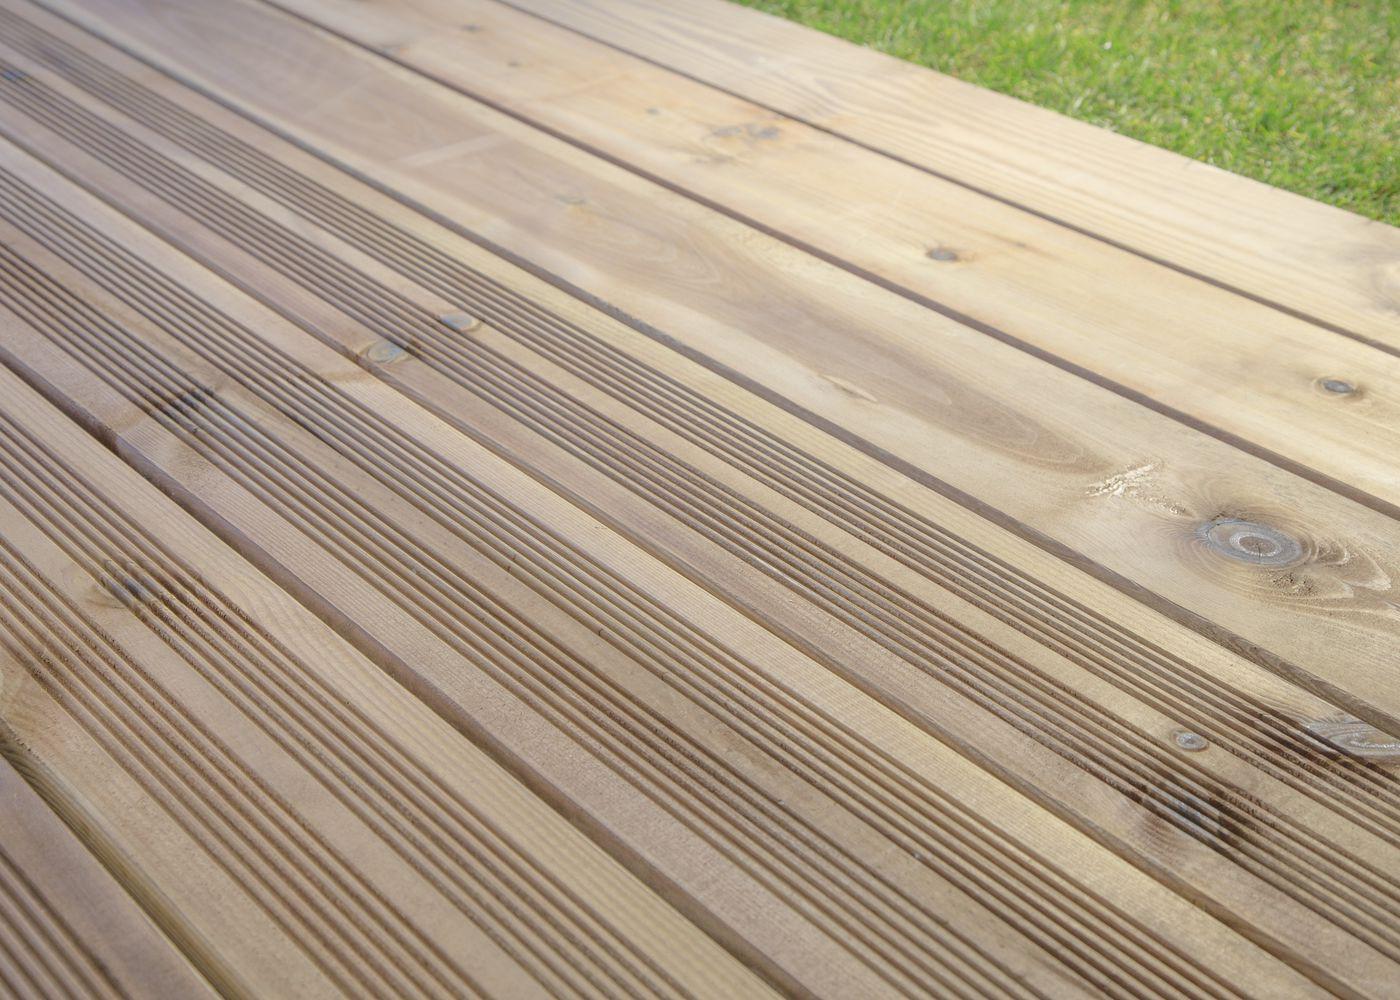 Pin Sylvestre Choix Courant Traitement Autoclave Vert Fixation à Visser 1 Face Lisse / 1 Face Antidérapante Profil Peigné - 27/145/3000 27x145x3000